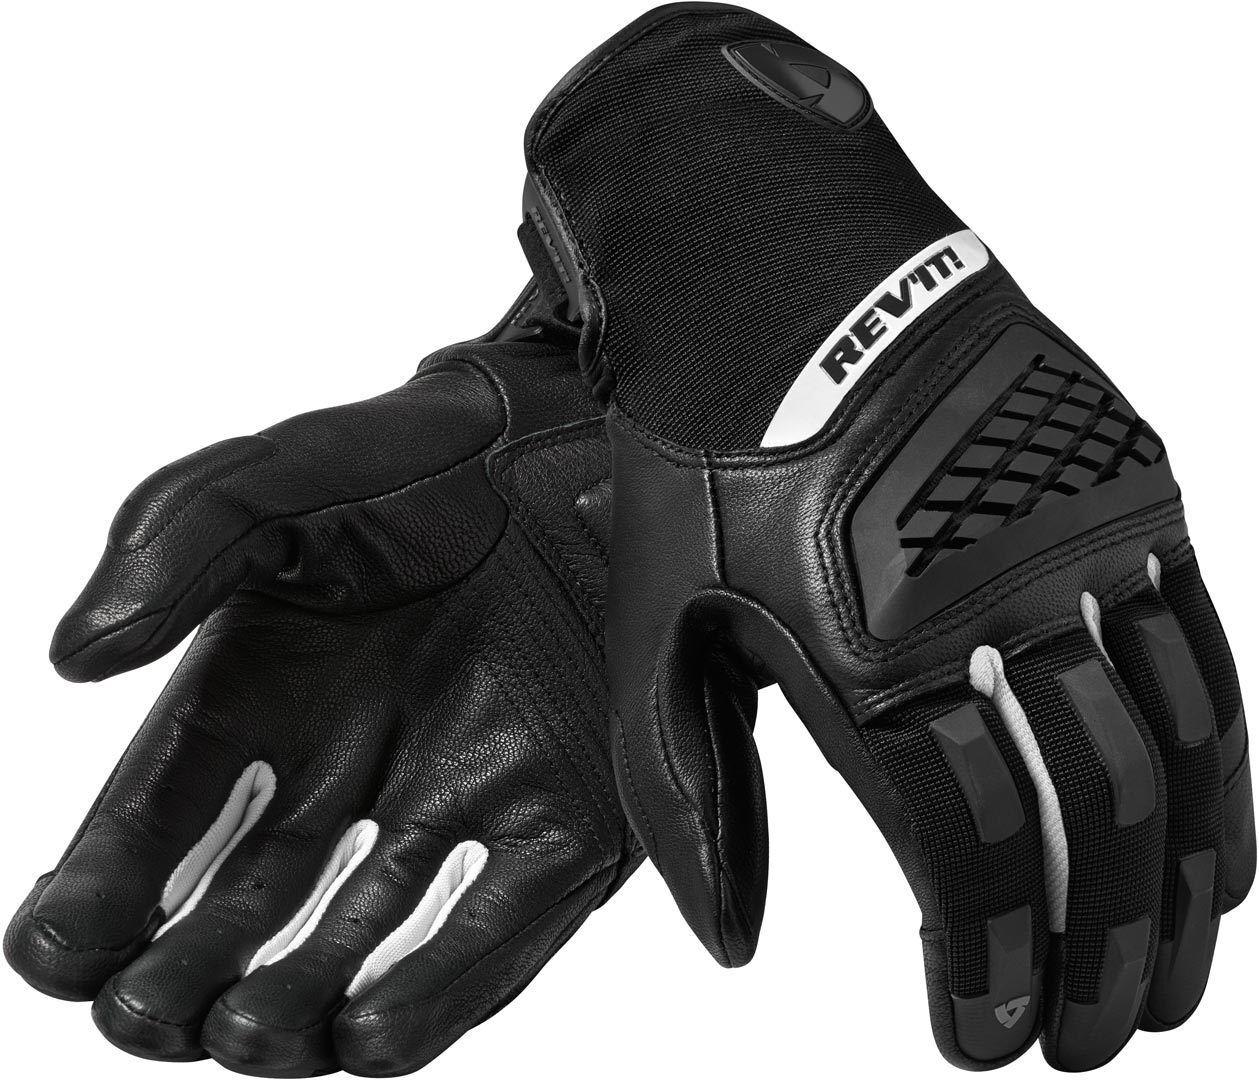 Revit Neutron 3 Gants de motocross Noir Blanc taille : S